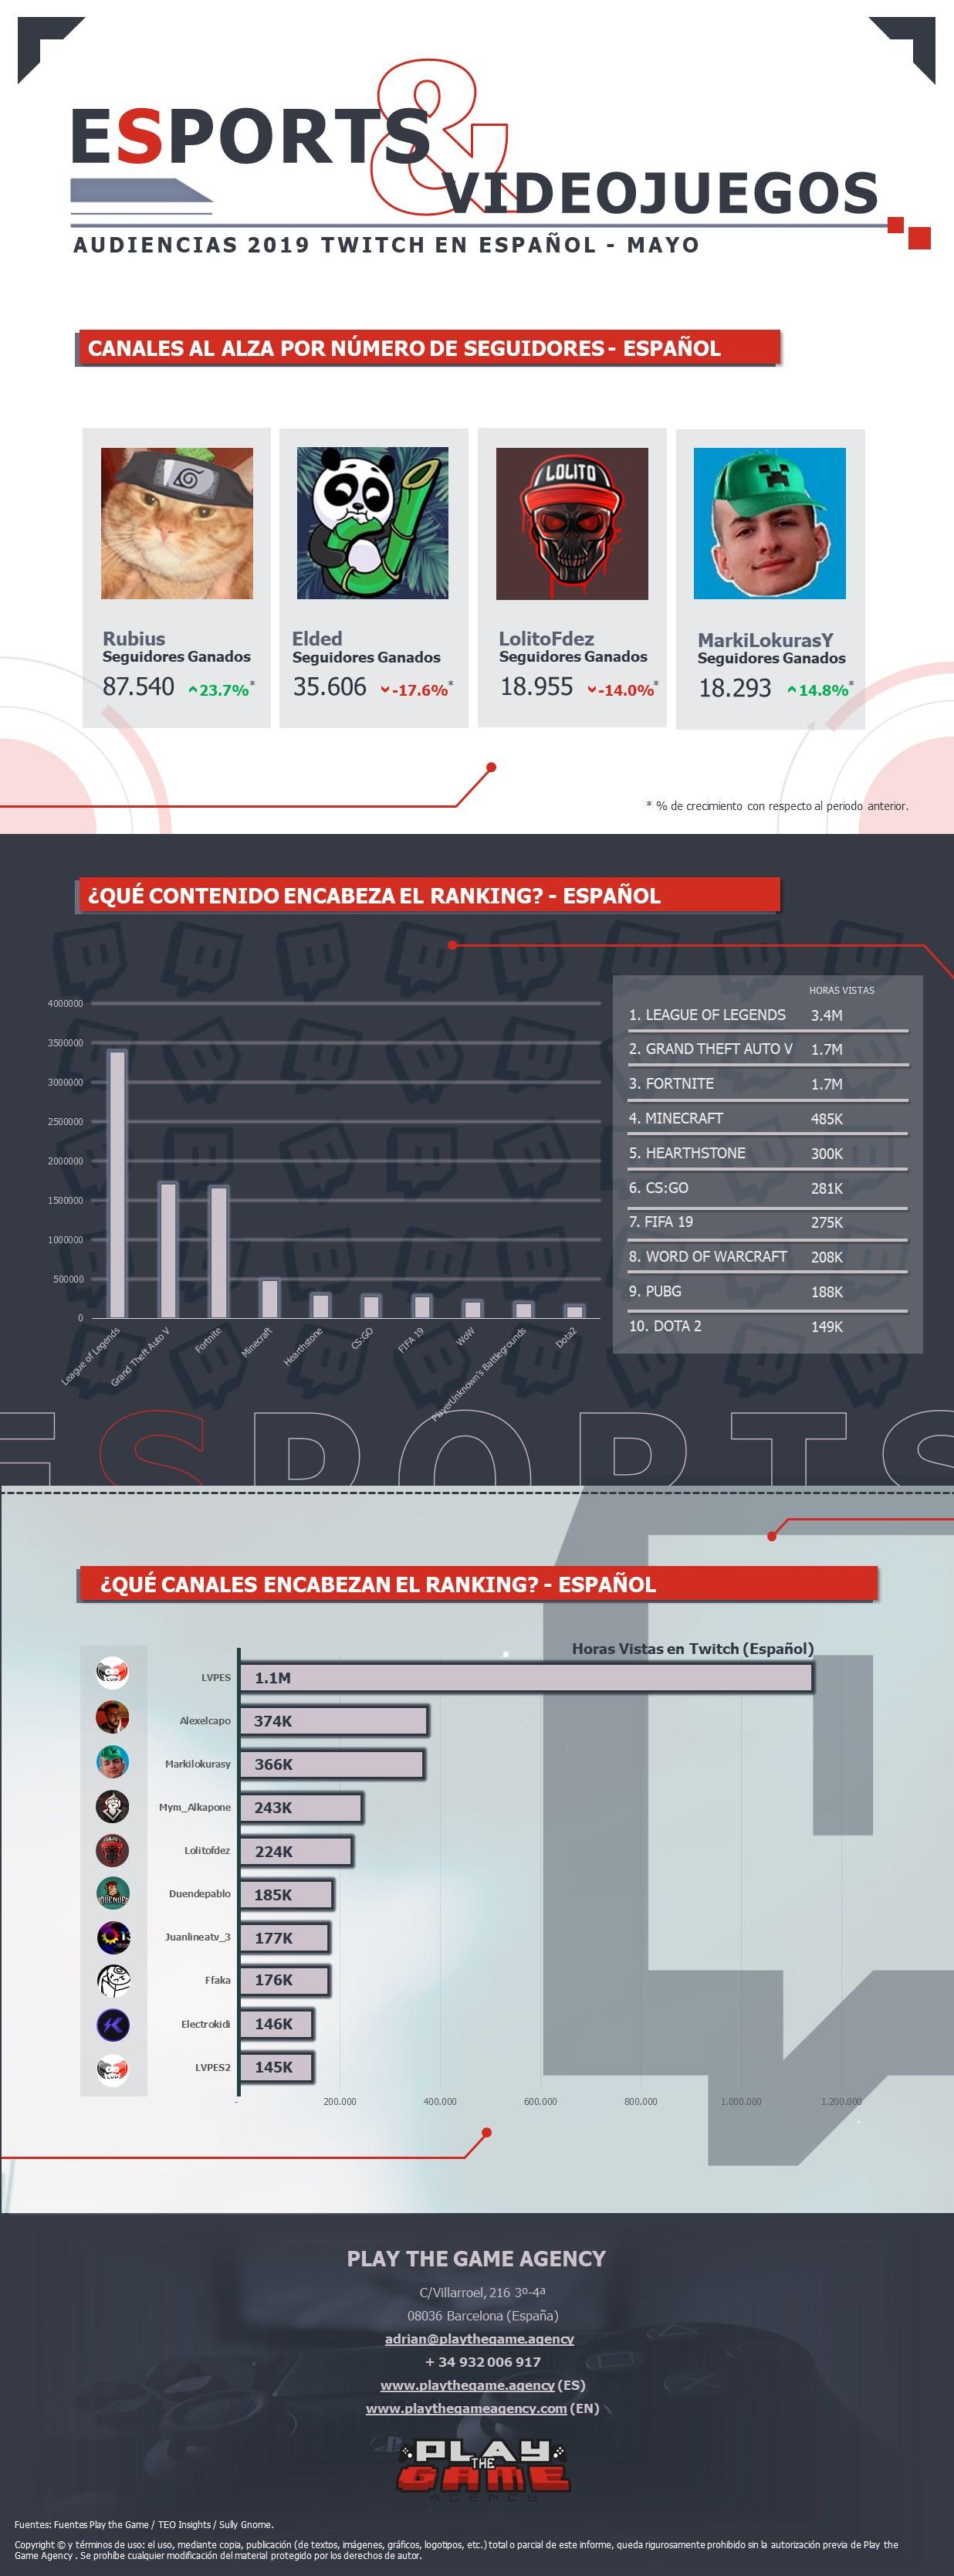 Infografía Audiencias Twitch Mensual.jpg